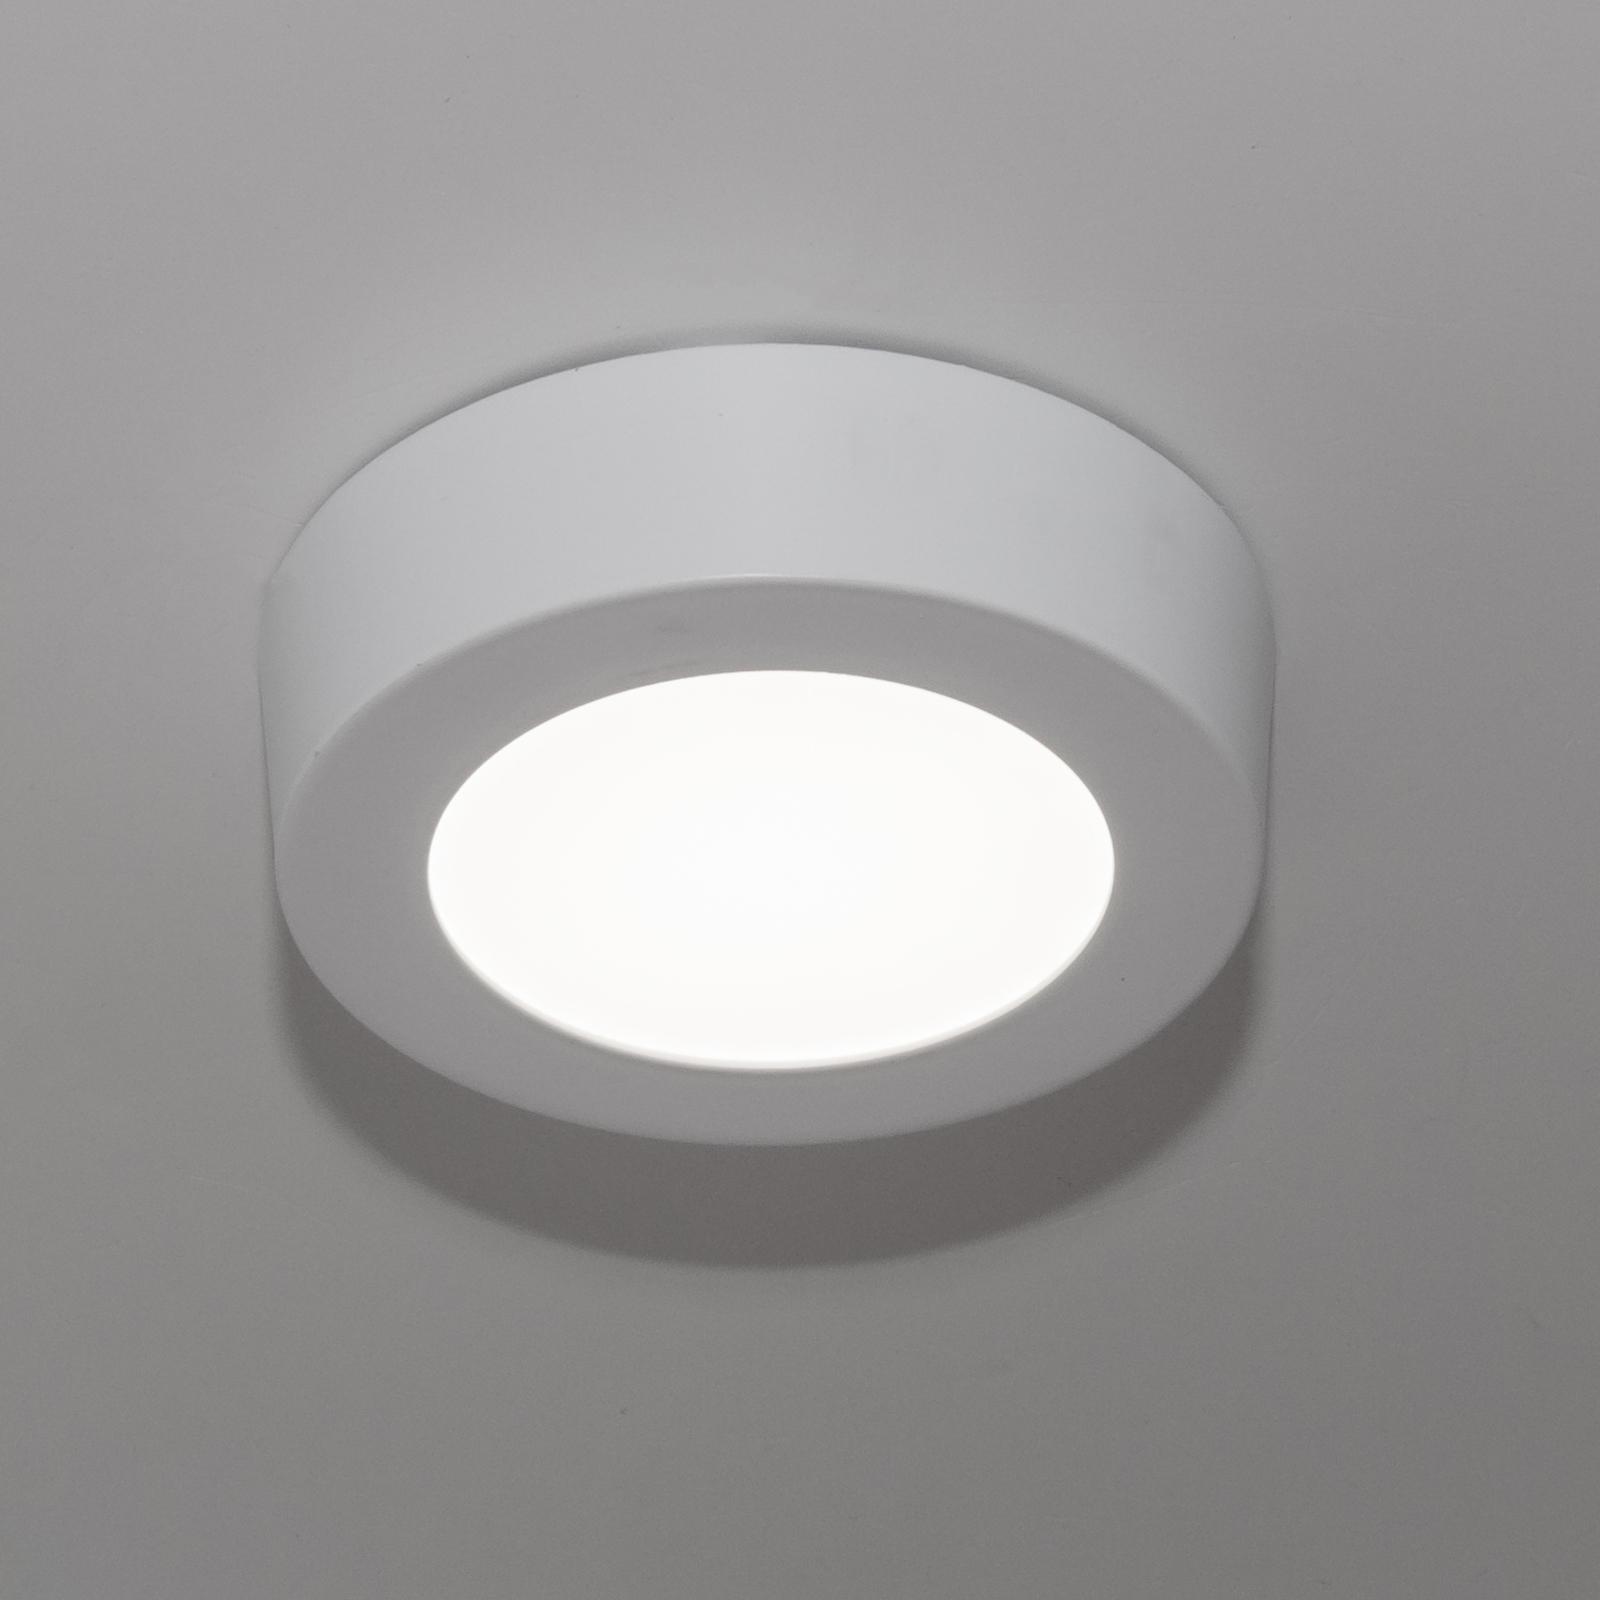 Illuminazione Bagno A Parete plafoniera lampada led soffitto muro parete 6w resa 70w luce bianco freddo  230v